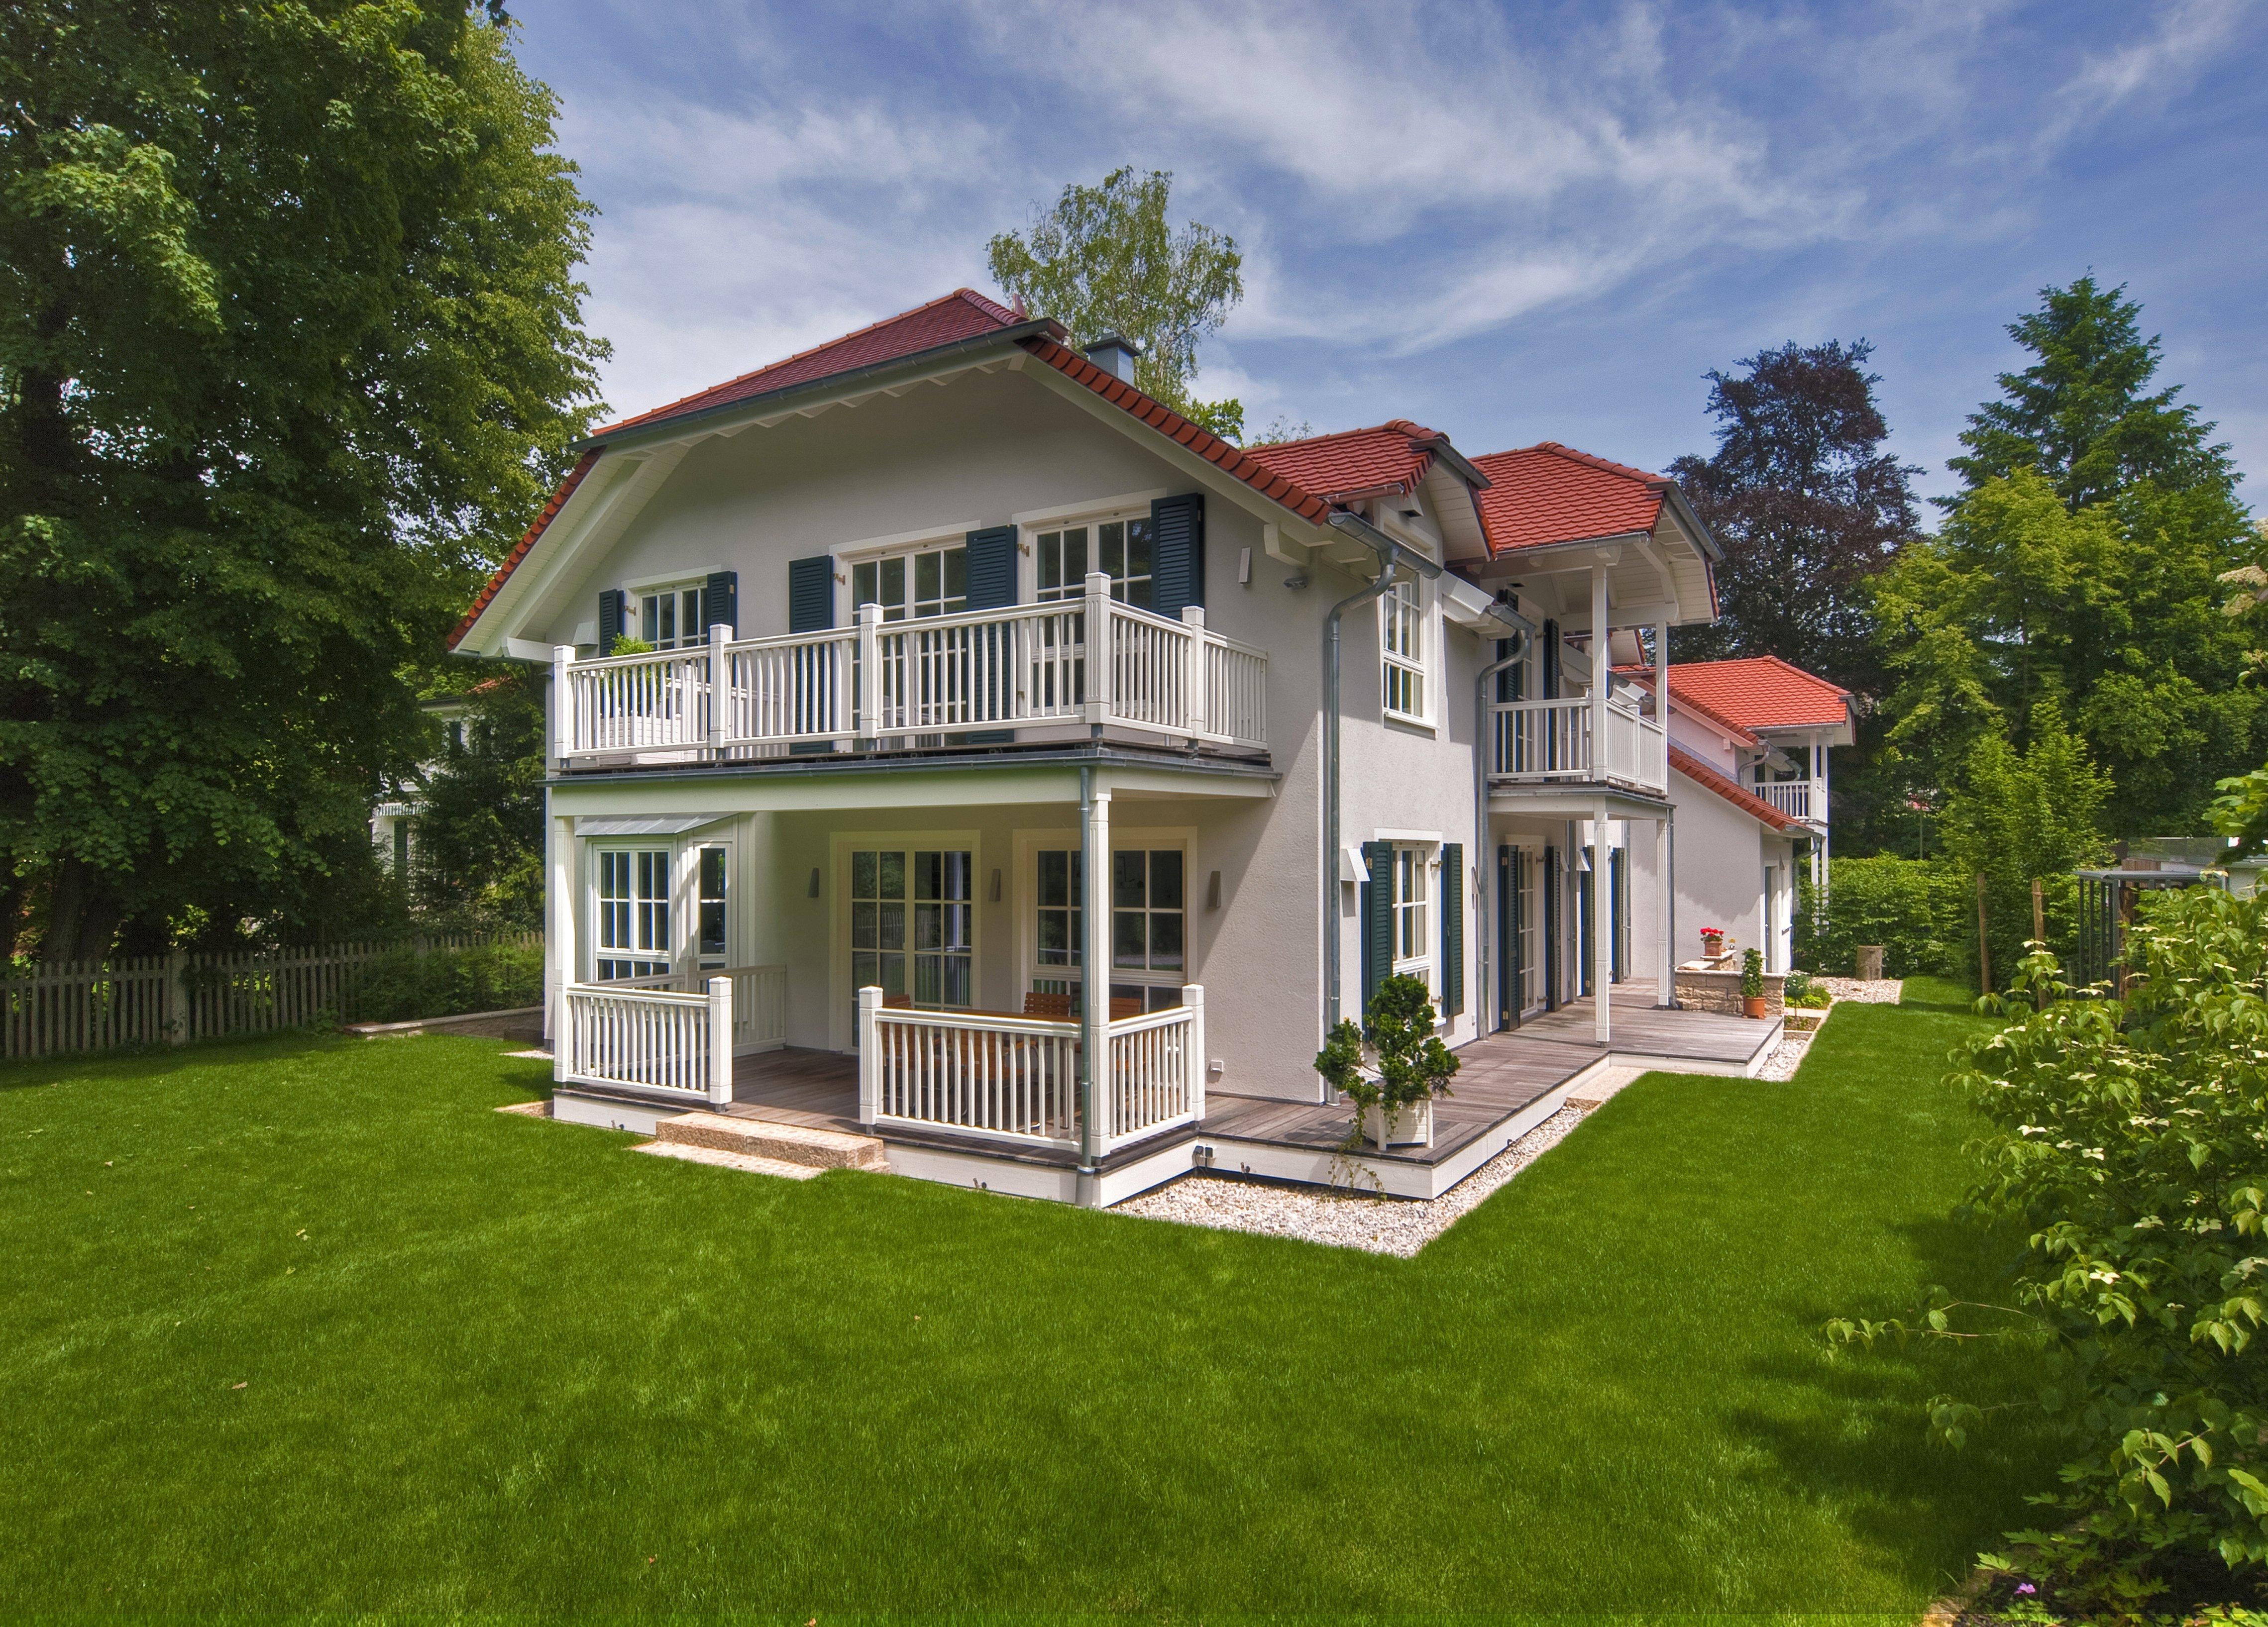 Fertighaus landhaus villa  Steinhauser (KfW-Effizienzhaus 55) von Baufritz   komplette ...